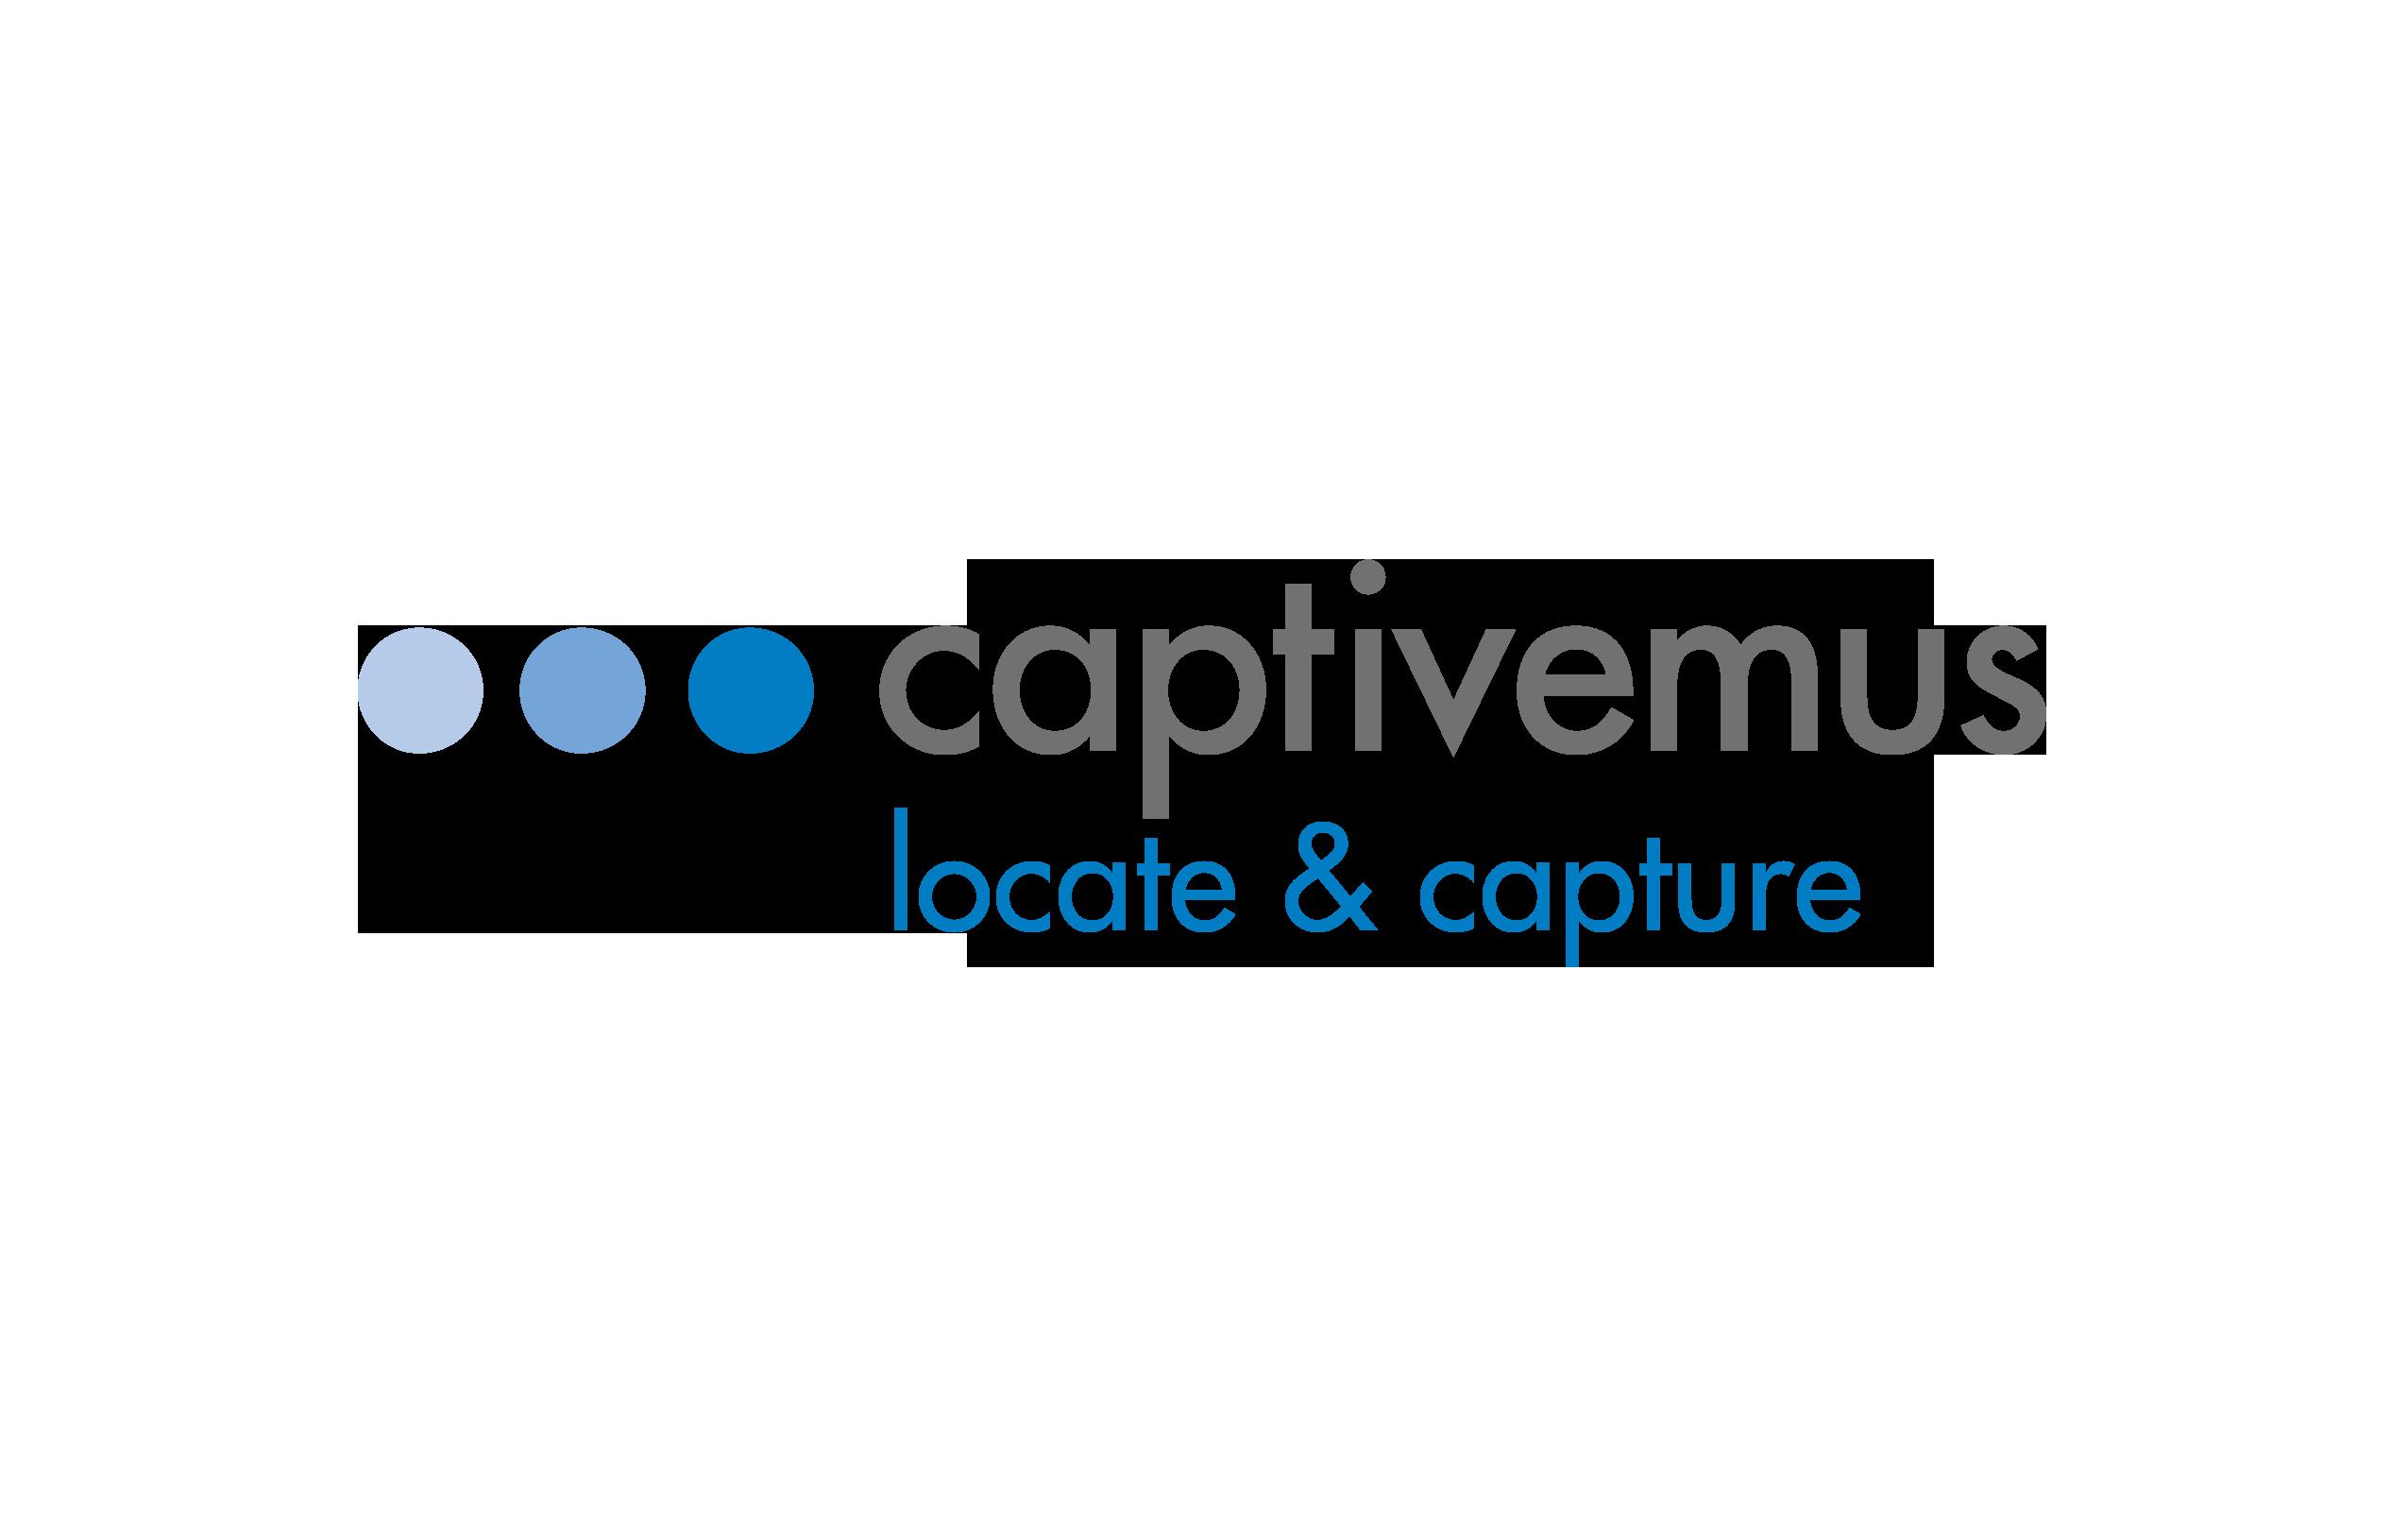 captivemus.png